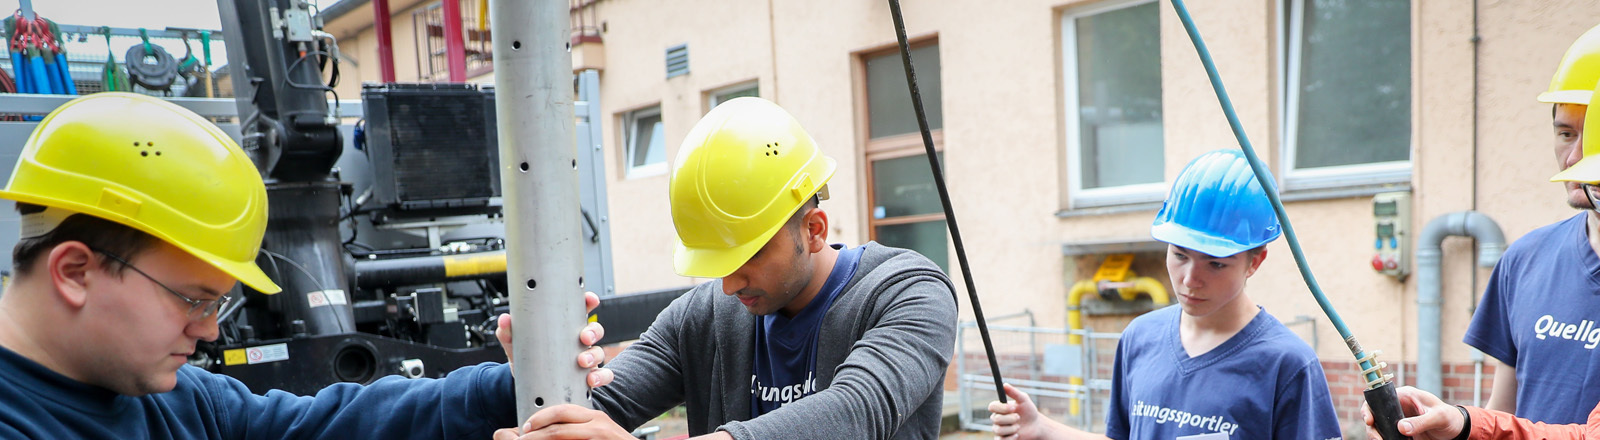 Azubis der Berliner Wasserbetriebe bei der Arbeit